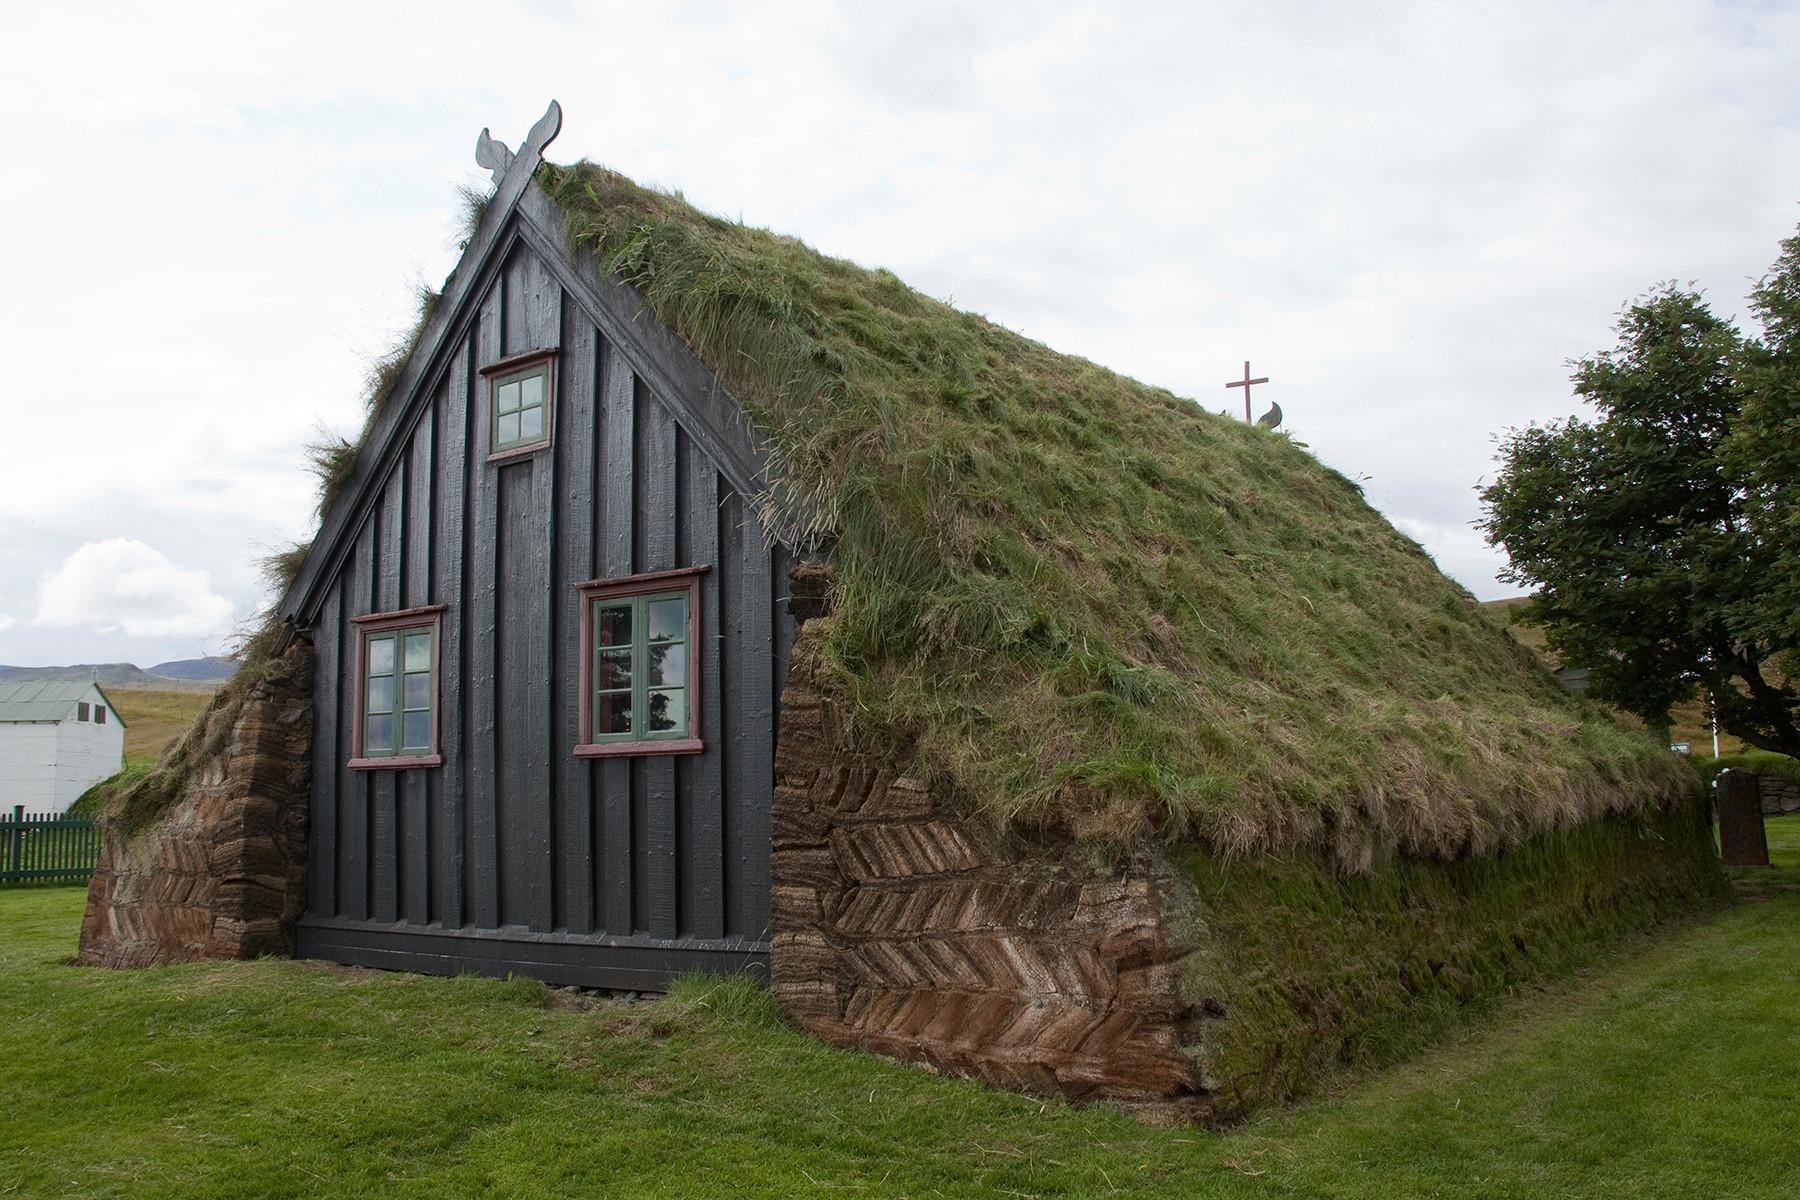 Island 2014 (Viðimýri)